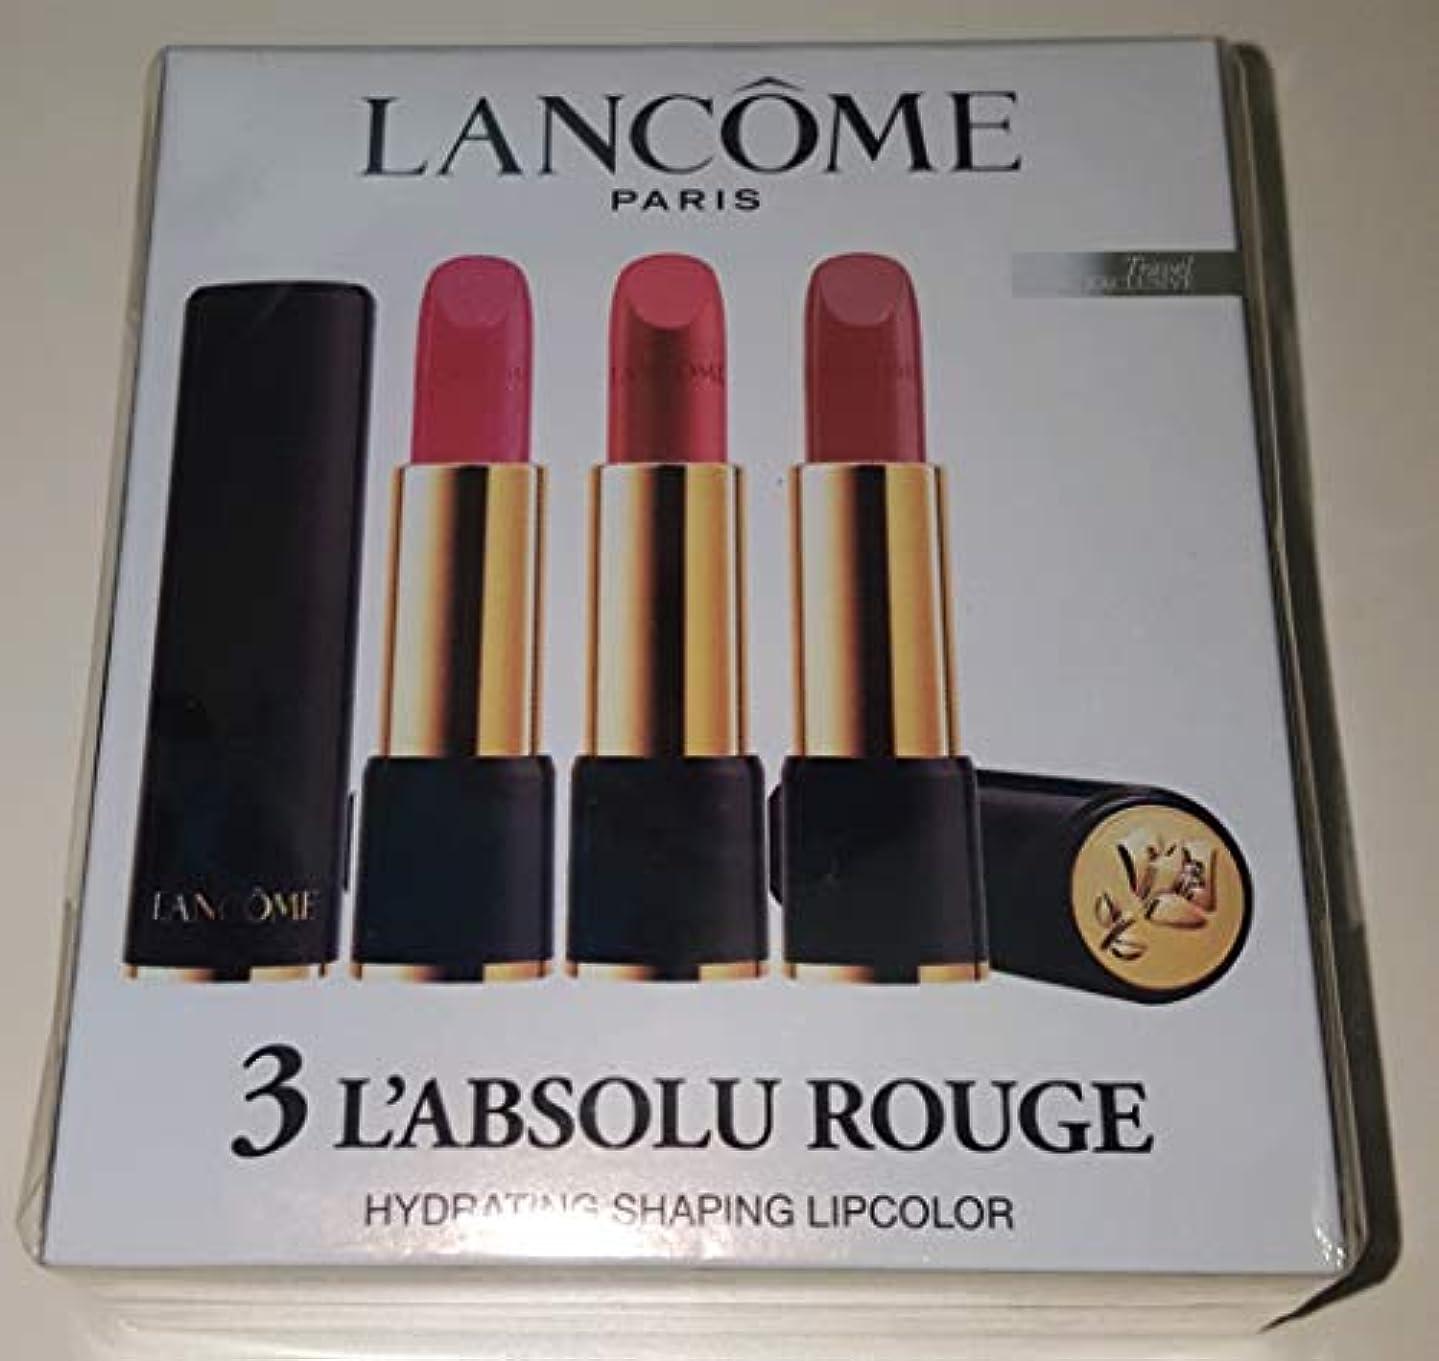 故障ウール状態LANCOME ランコム 3 L'ABSOLU ROUGE 口紅 3本 セット